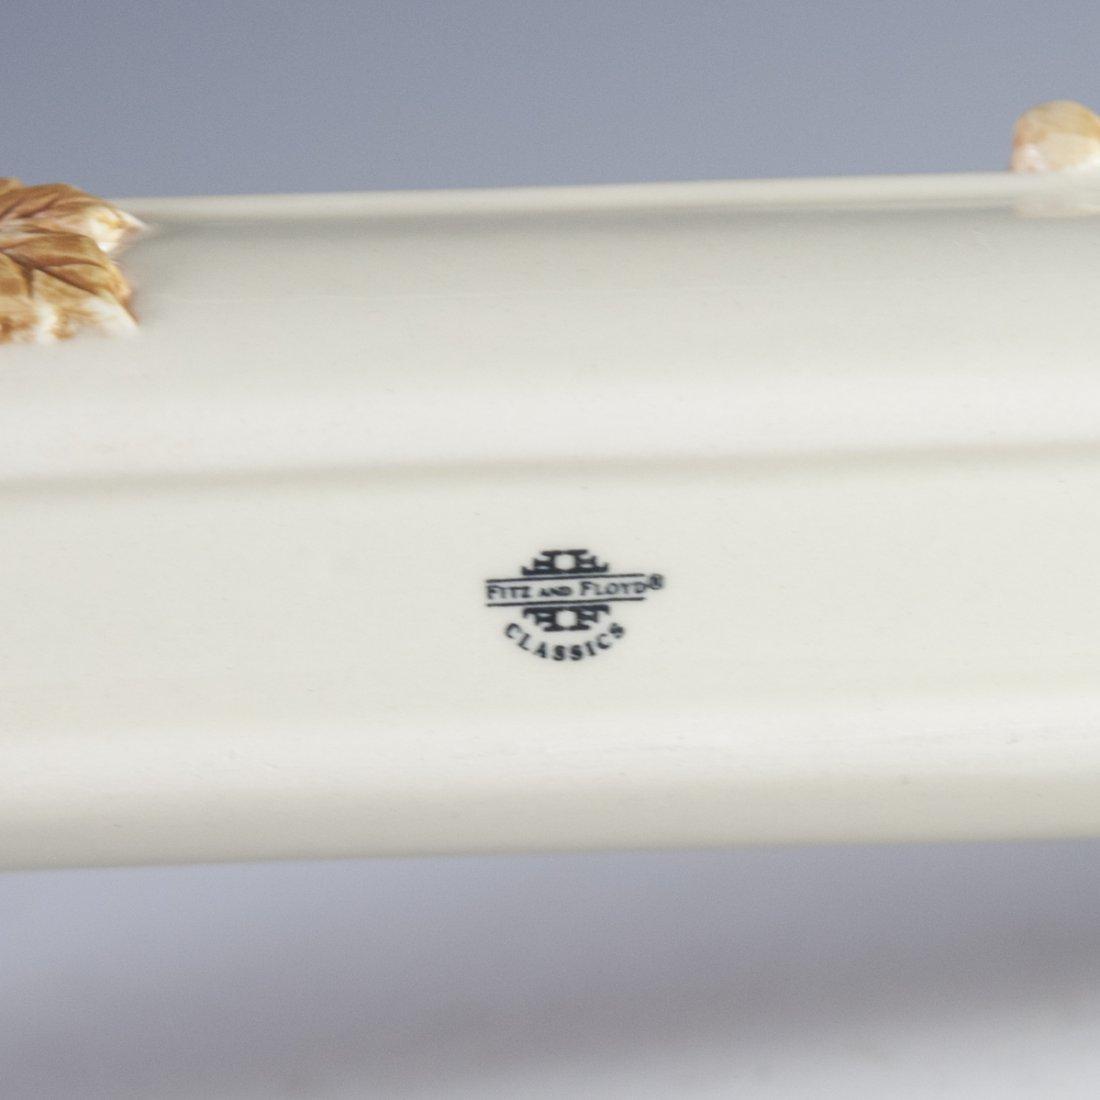 Fitz & Floyd Porcelain Tray - 3